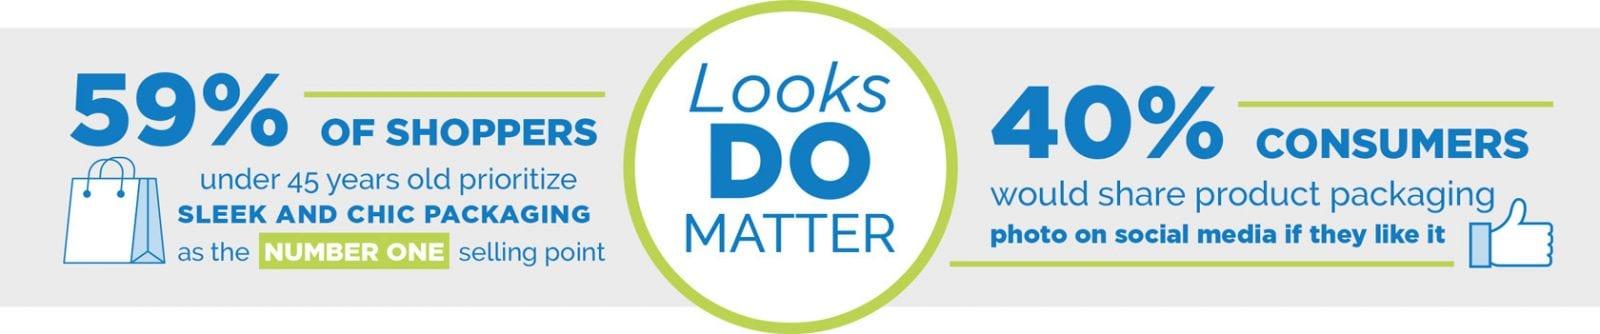 Looks do Matter